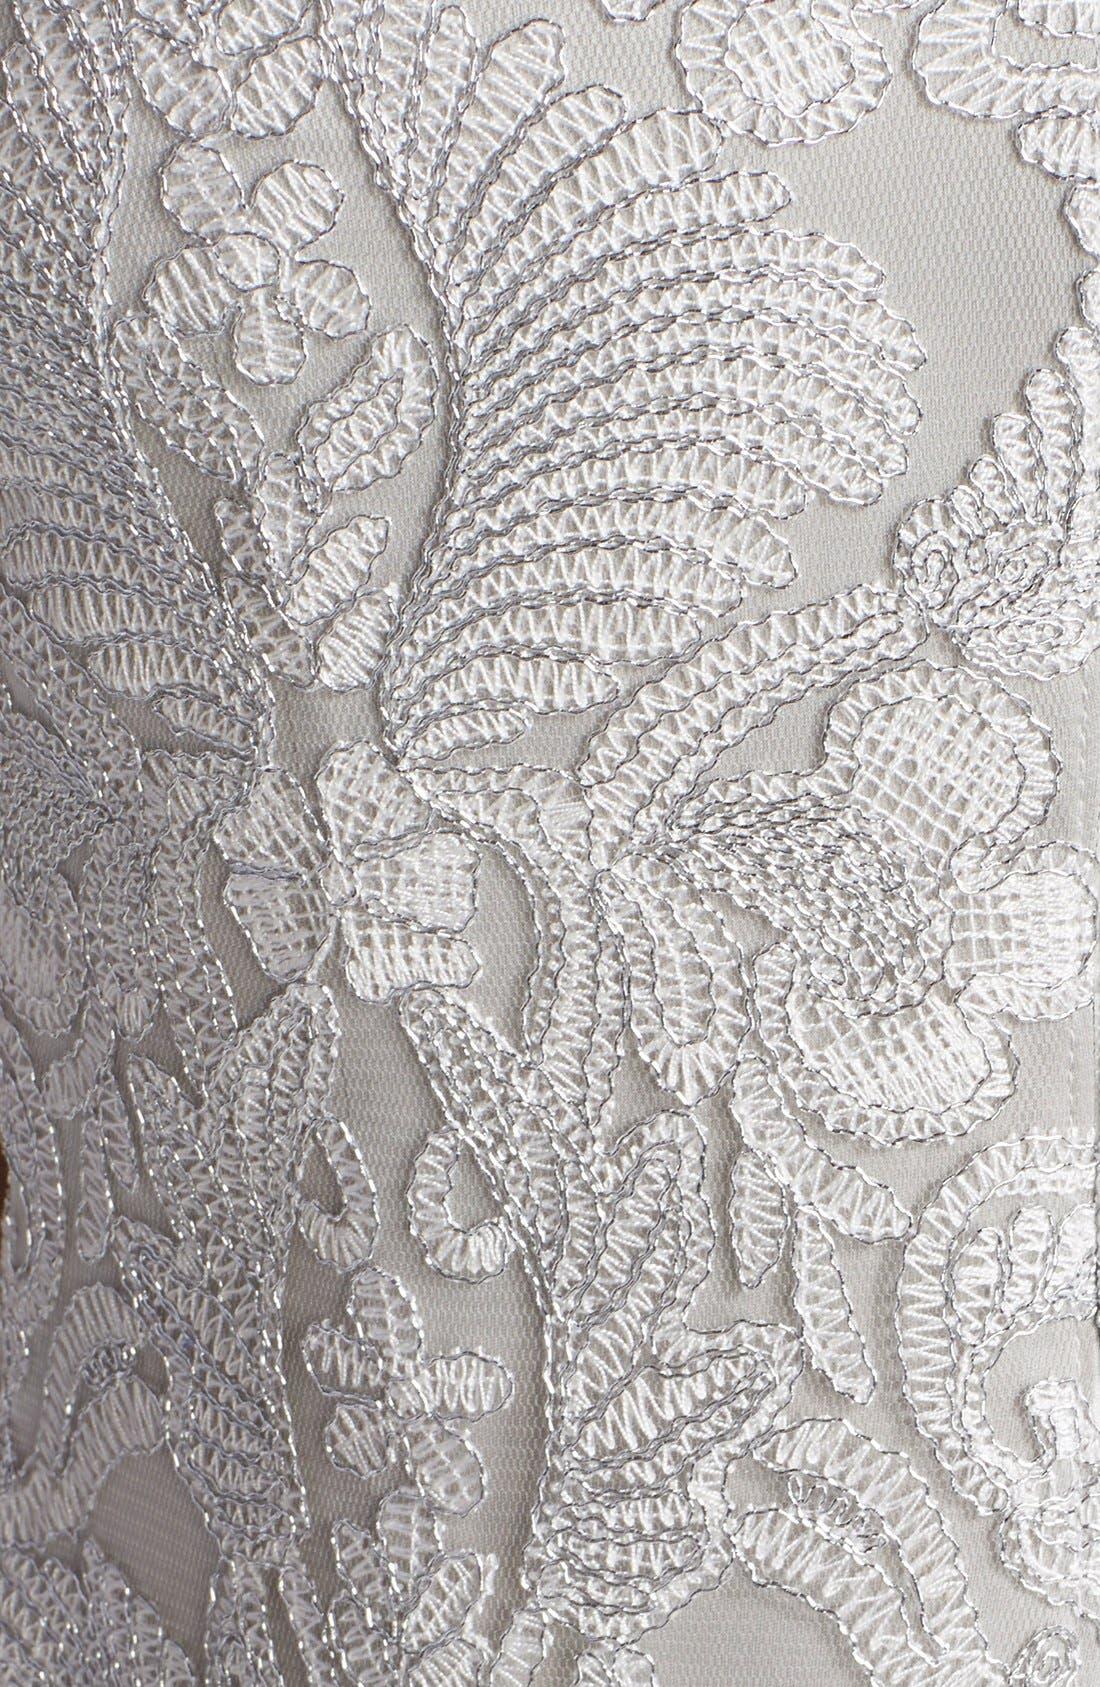 Illusion Yoke Lace Sheath Dress,                             Alternate thumbnail 68, color,